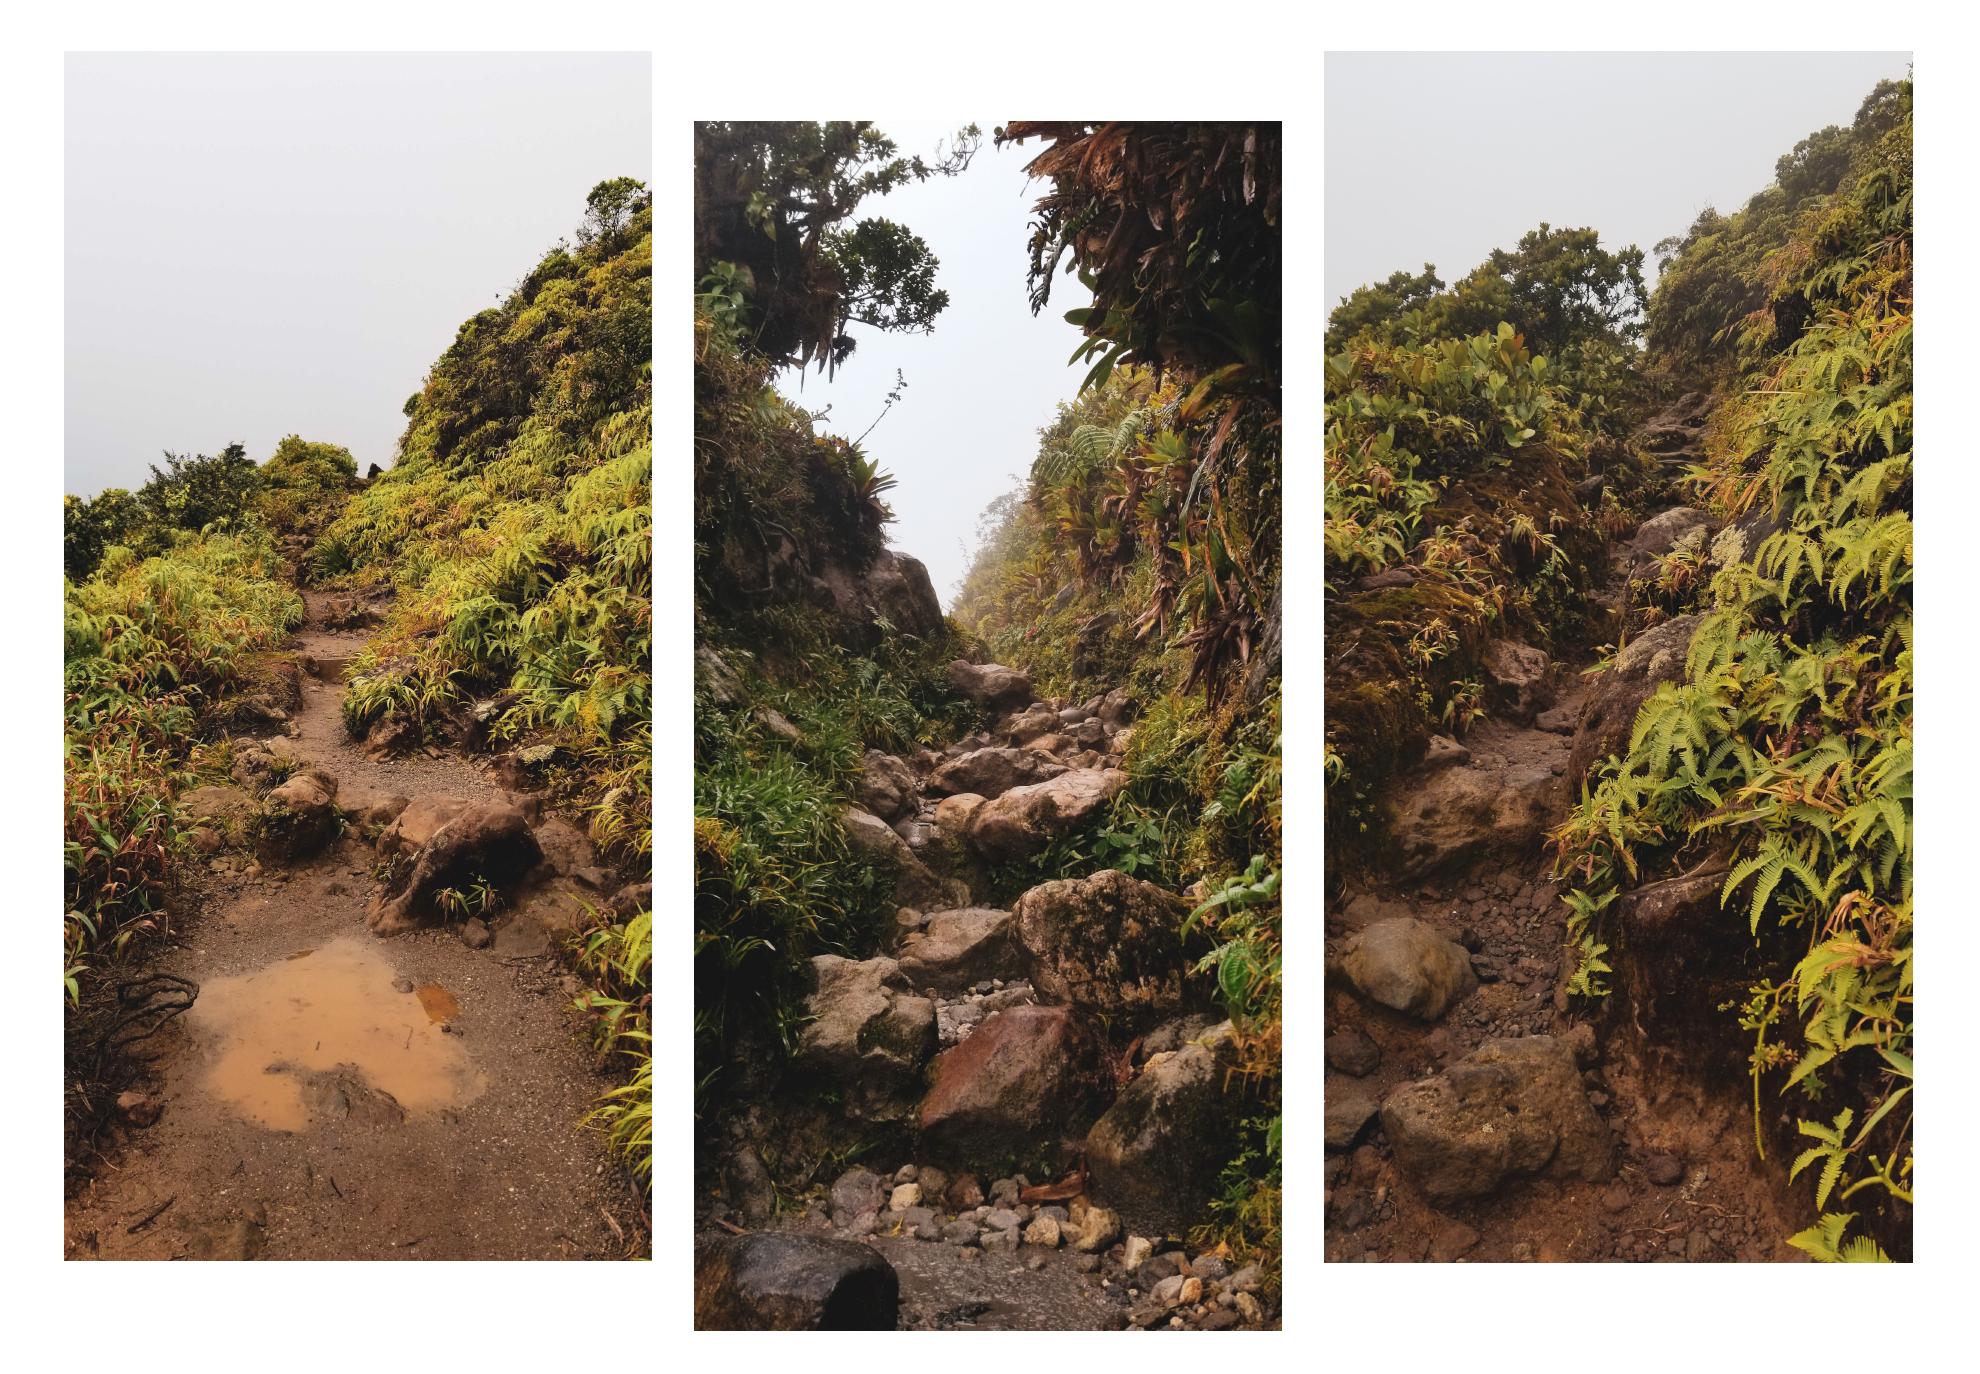 Sur les chemins de la Soufrière en Guadeloupe, par Côté Hublot